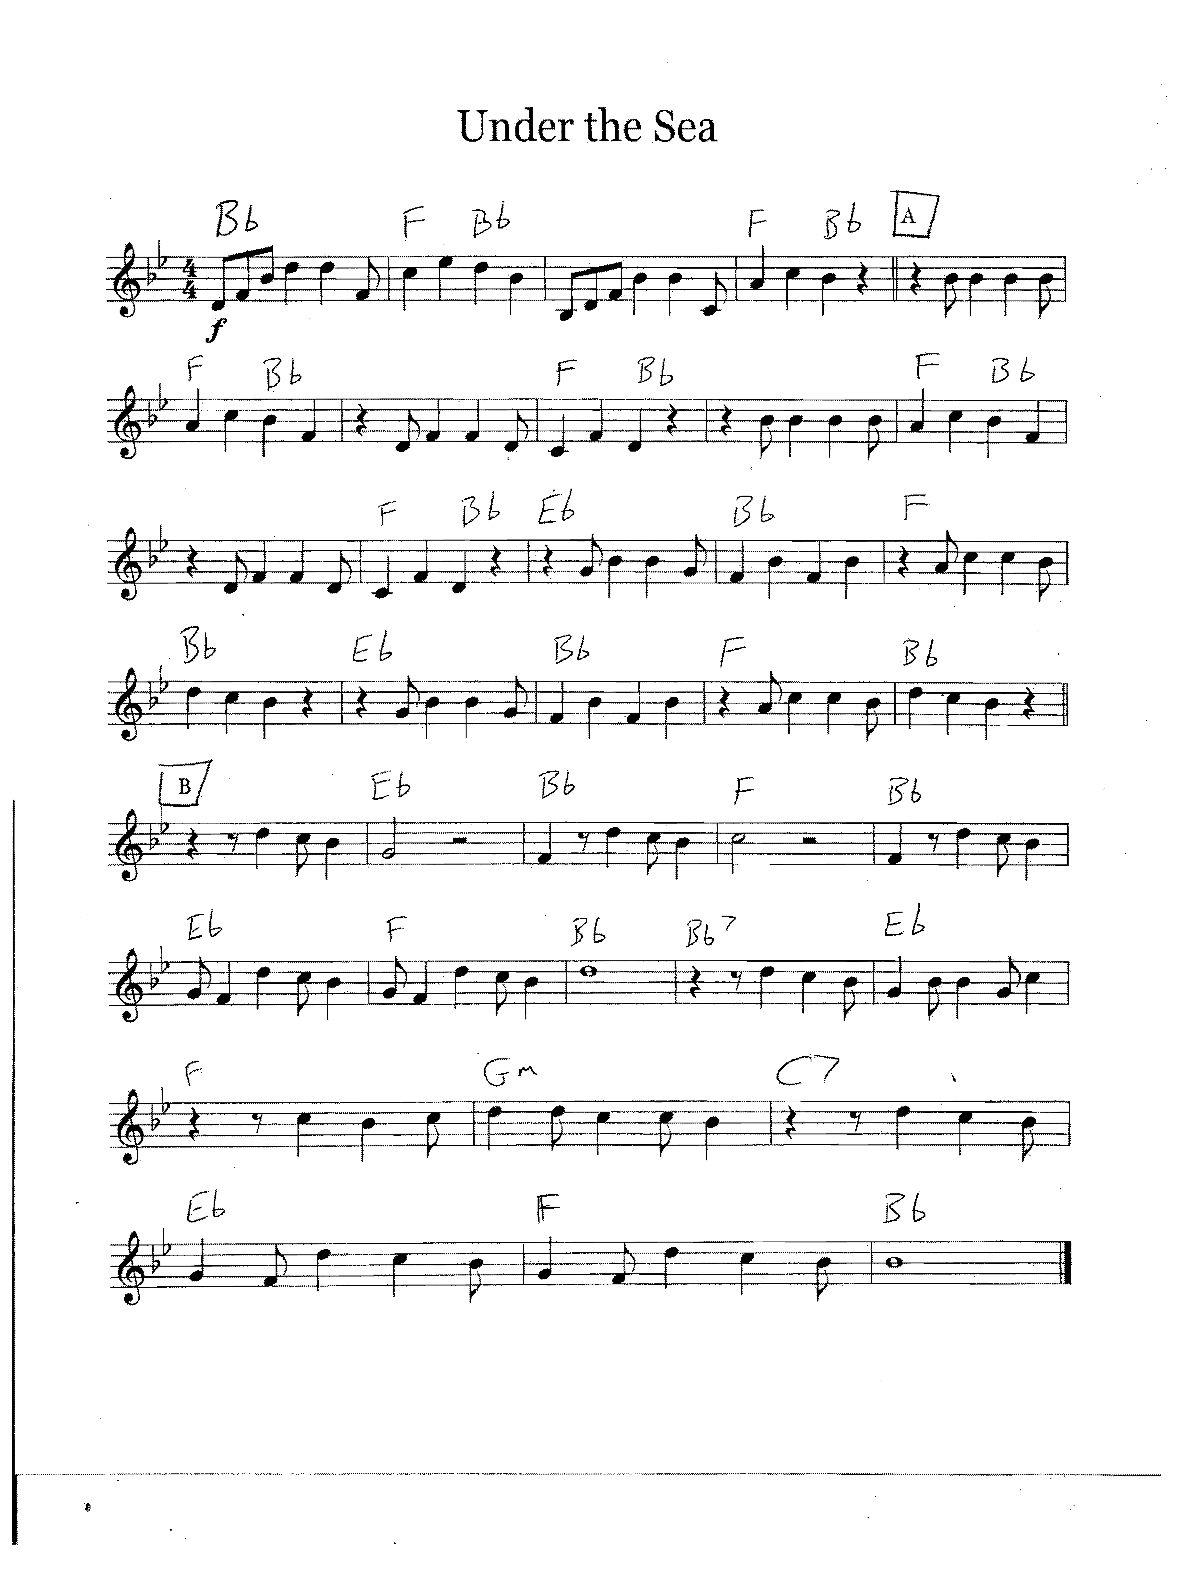 Free Bass Guitar Sheet Music